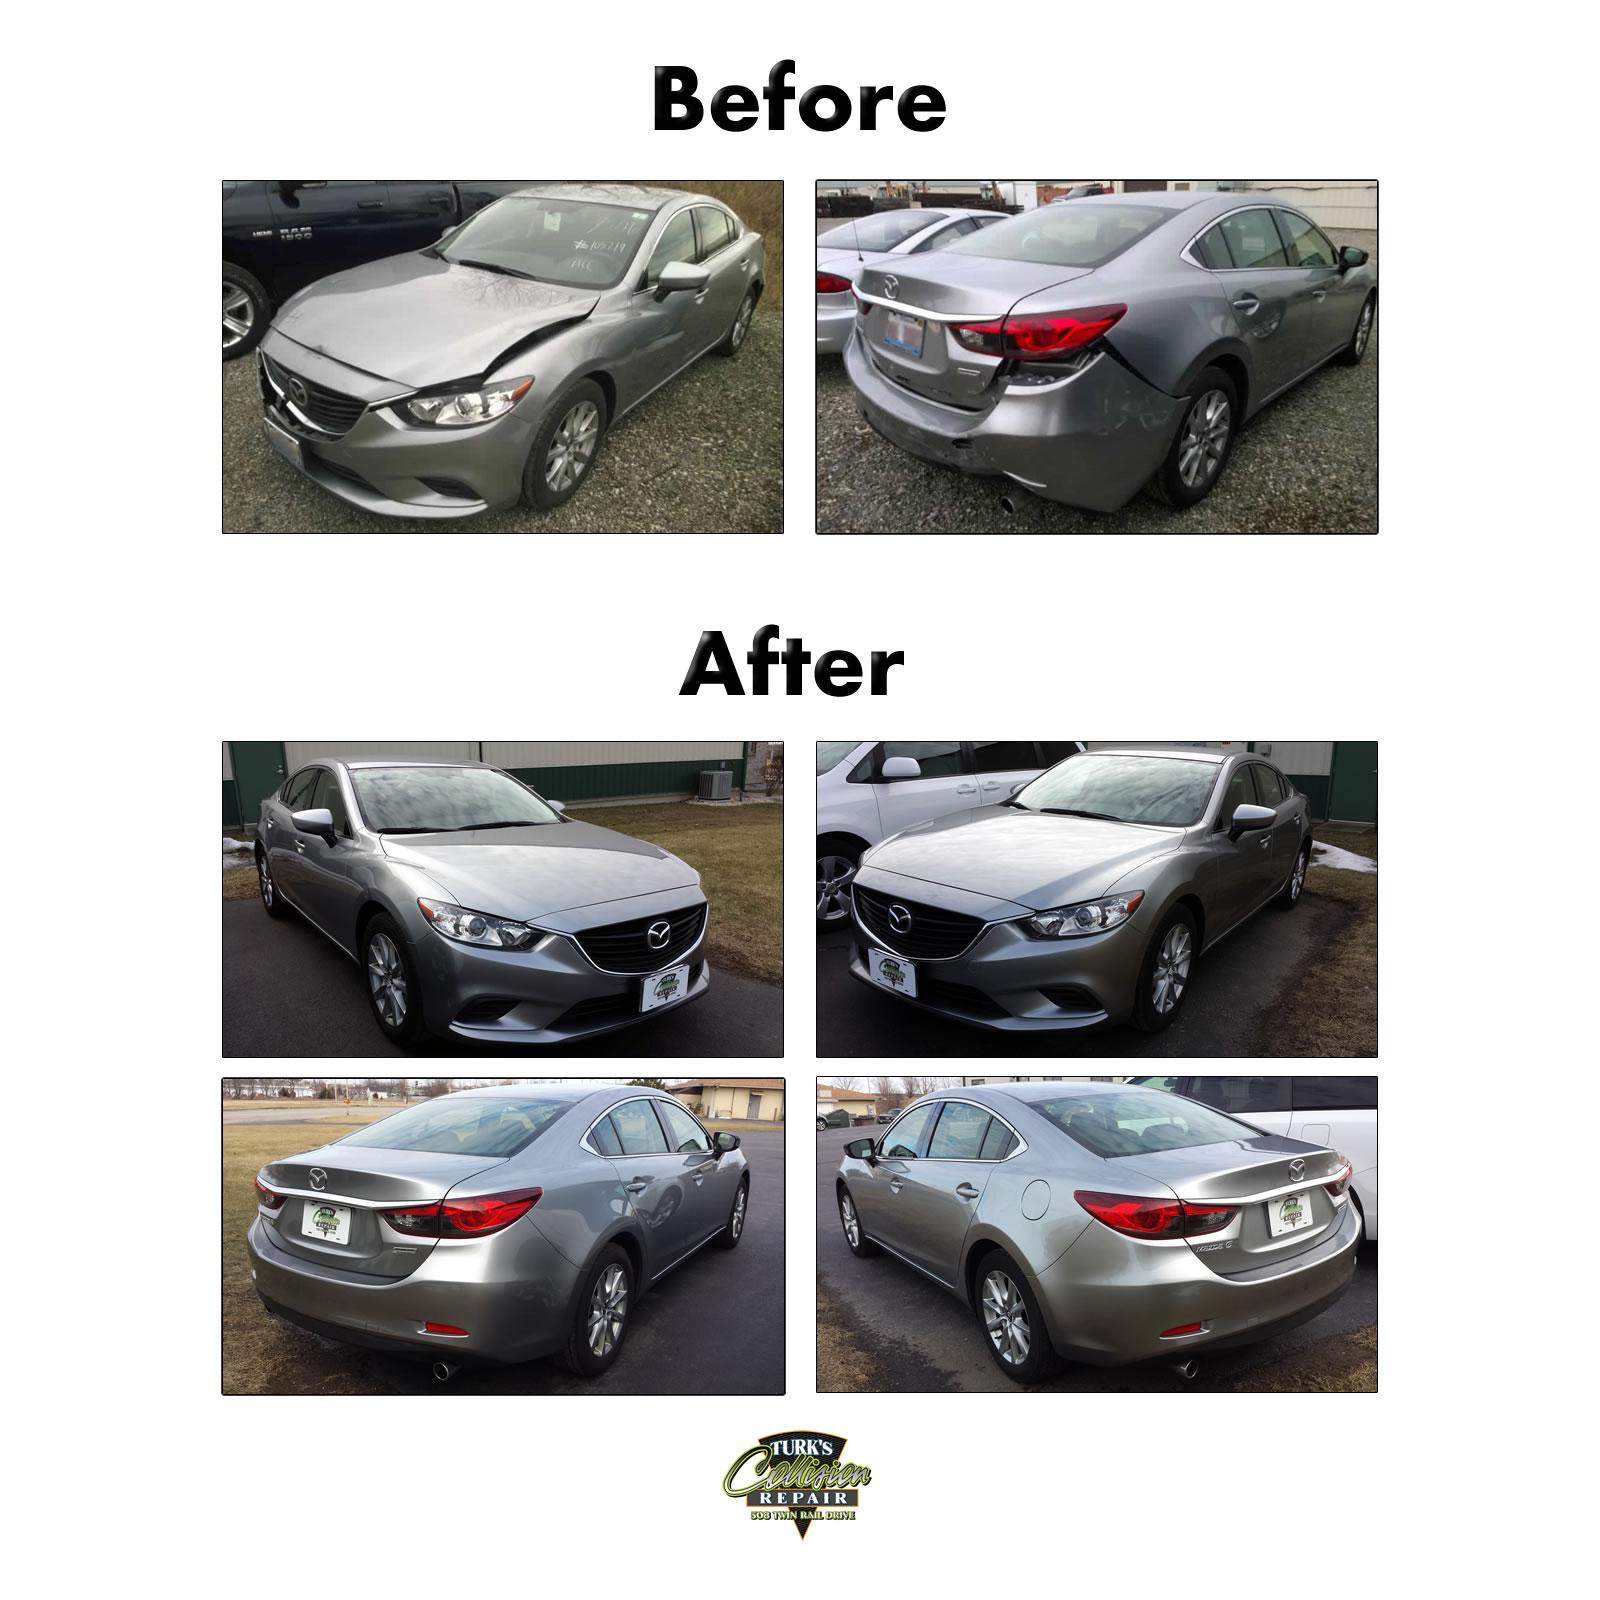 Mazda 6 Collision Repair